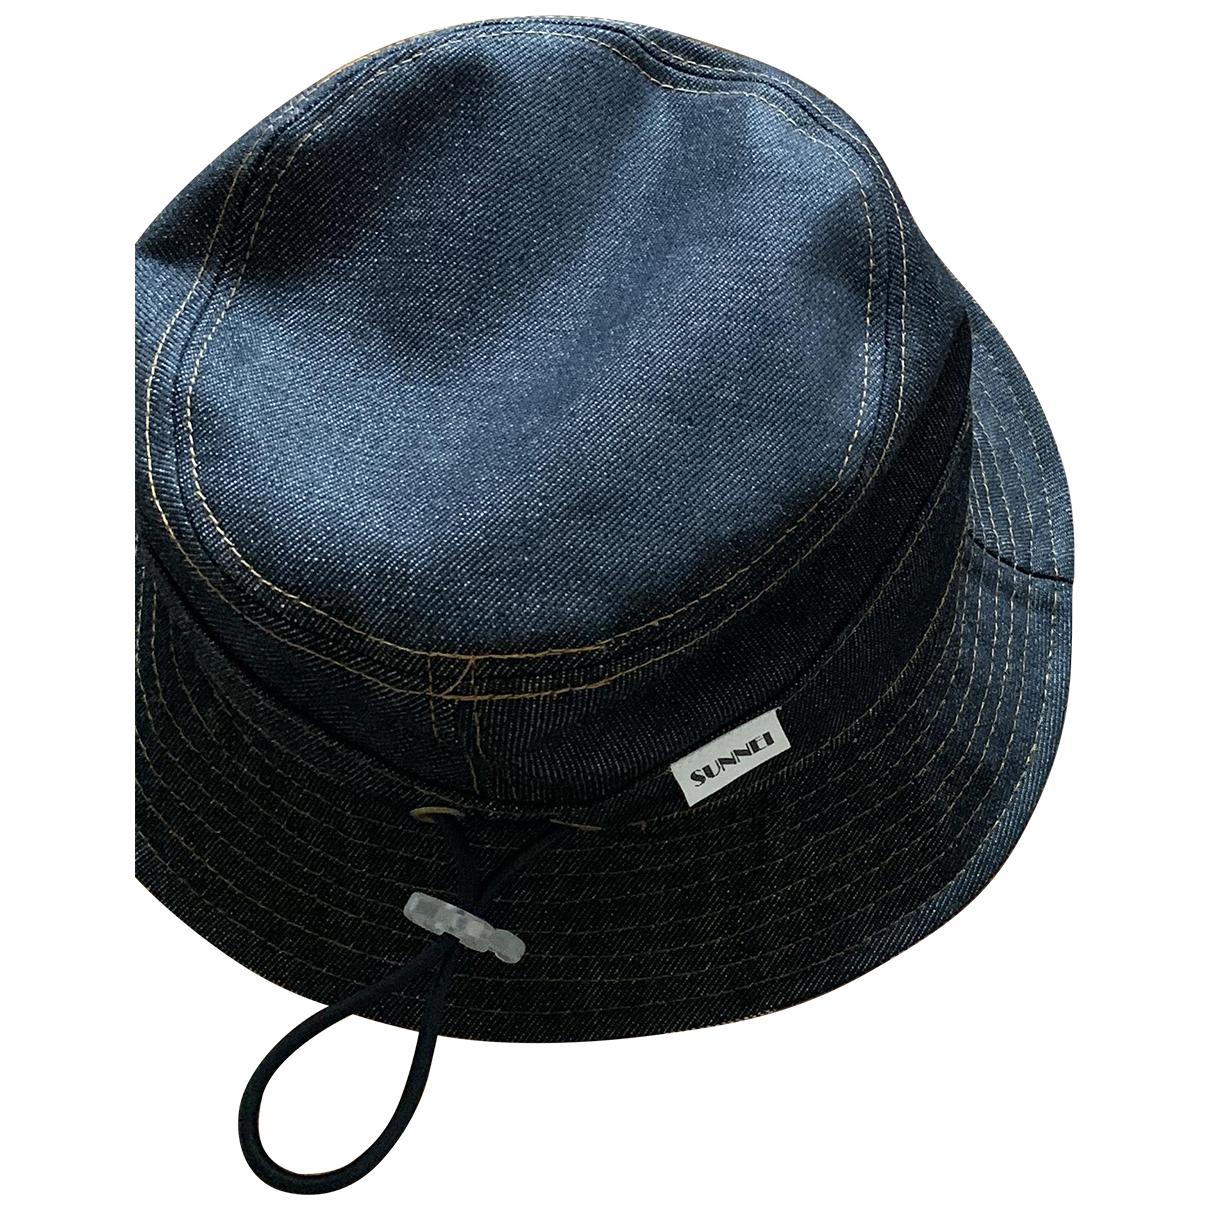 Sunnei - Chapeau & Bonnets   pour homme en coton - marine